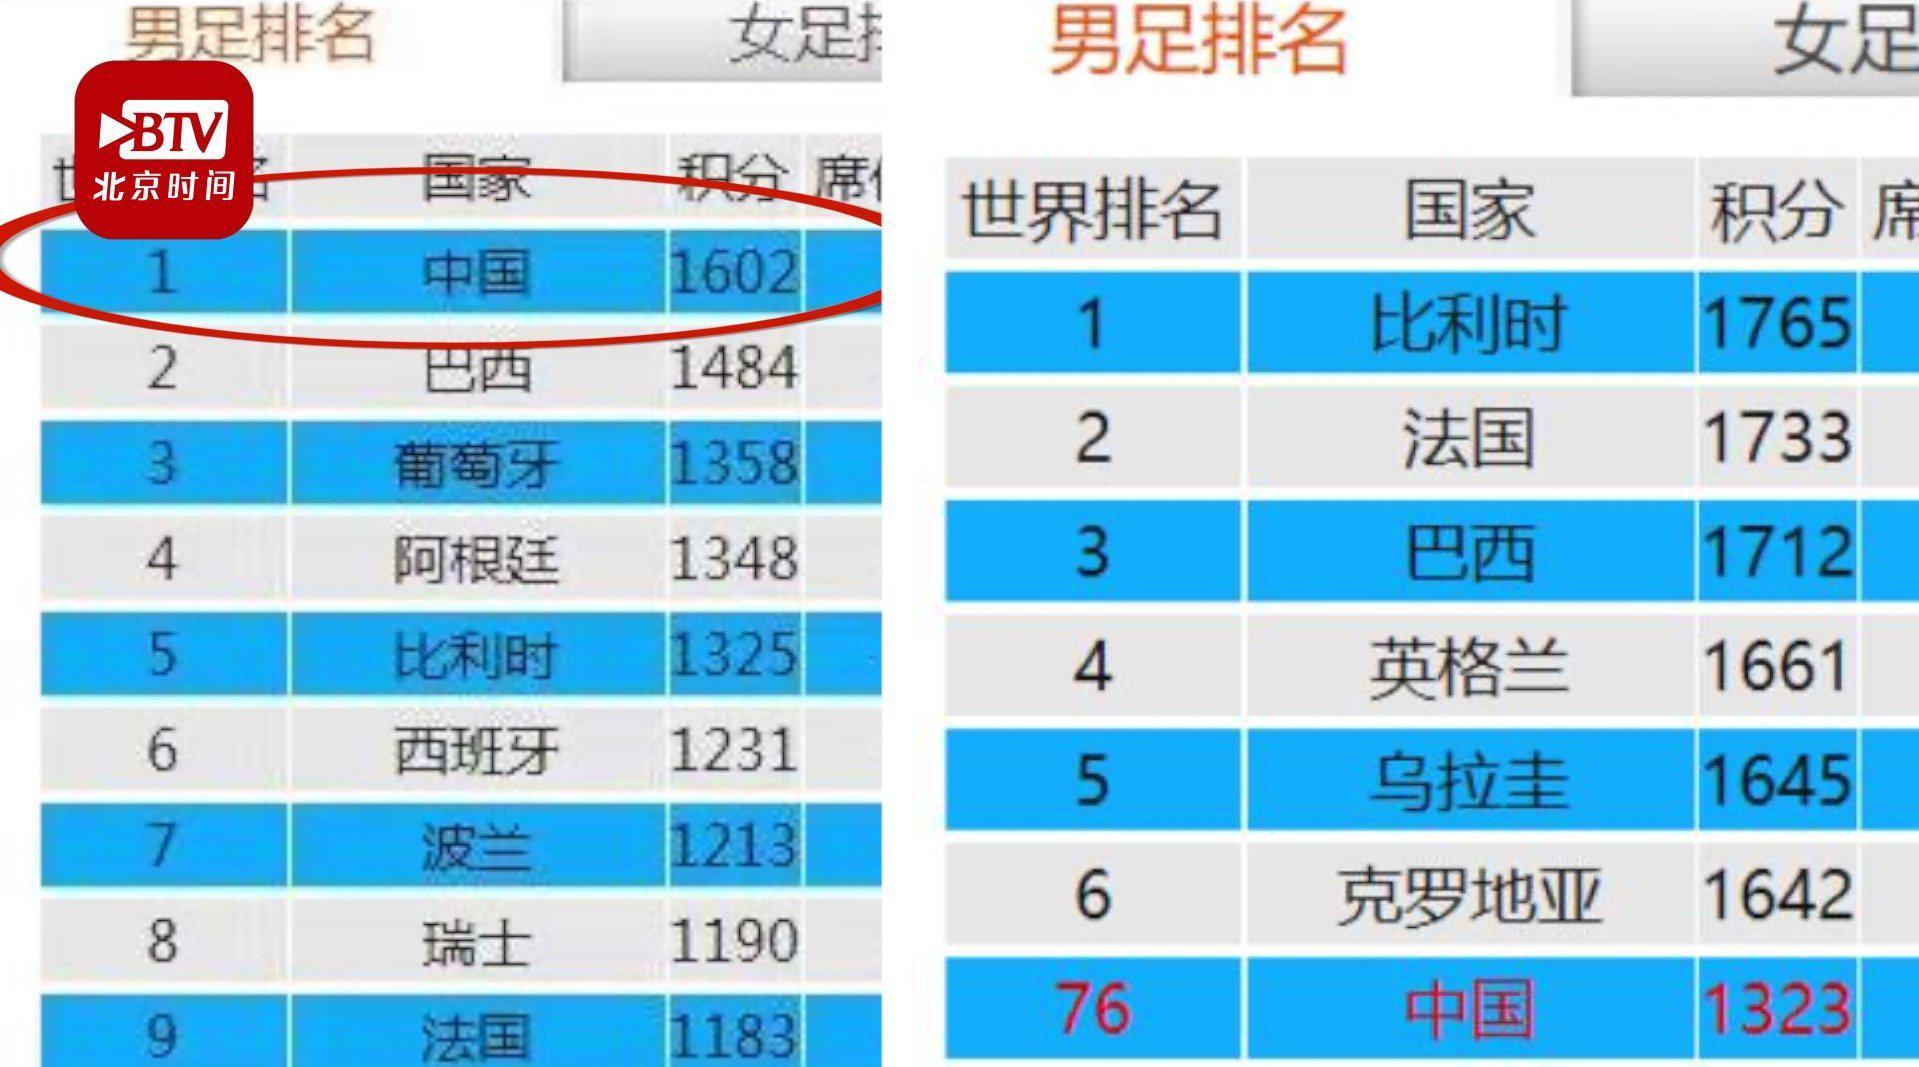 广东足协官网被黑客攻击 将国足排世界第一 网友调侃:黑客在鼓励